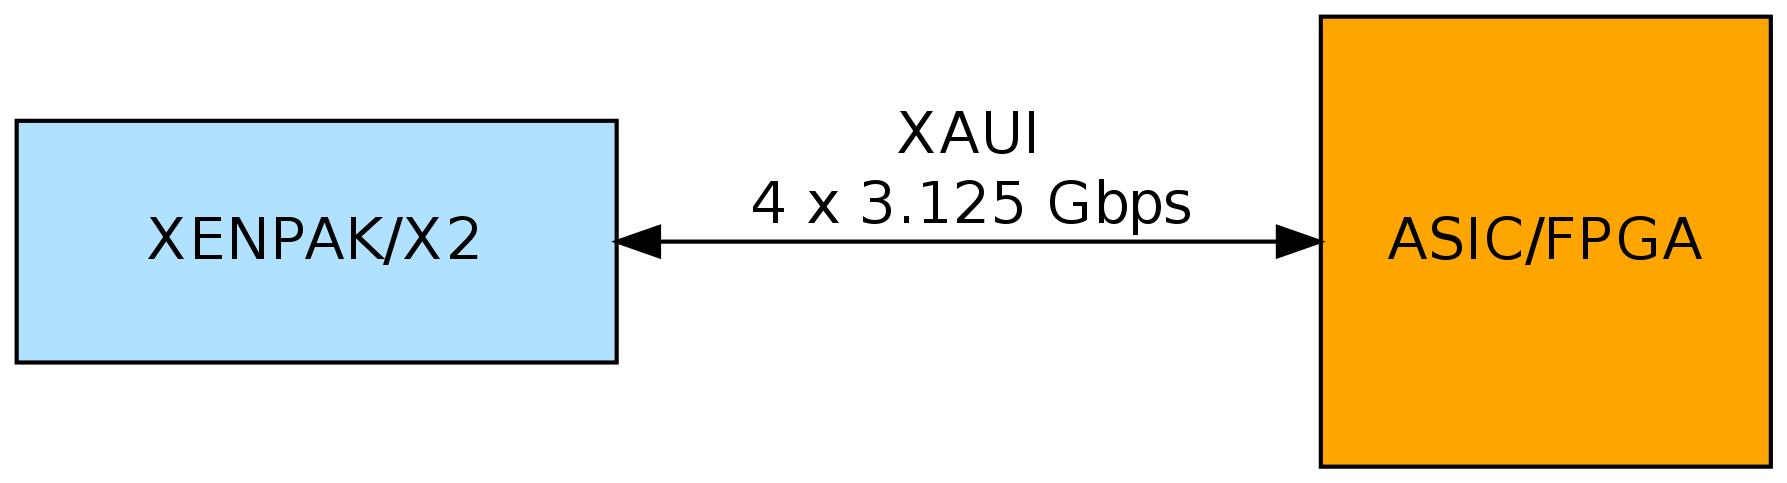 Взгляд на 10G Ethernet со стороны FPGA разработчика